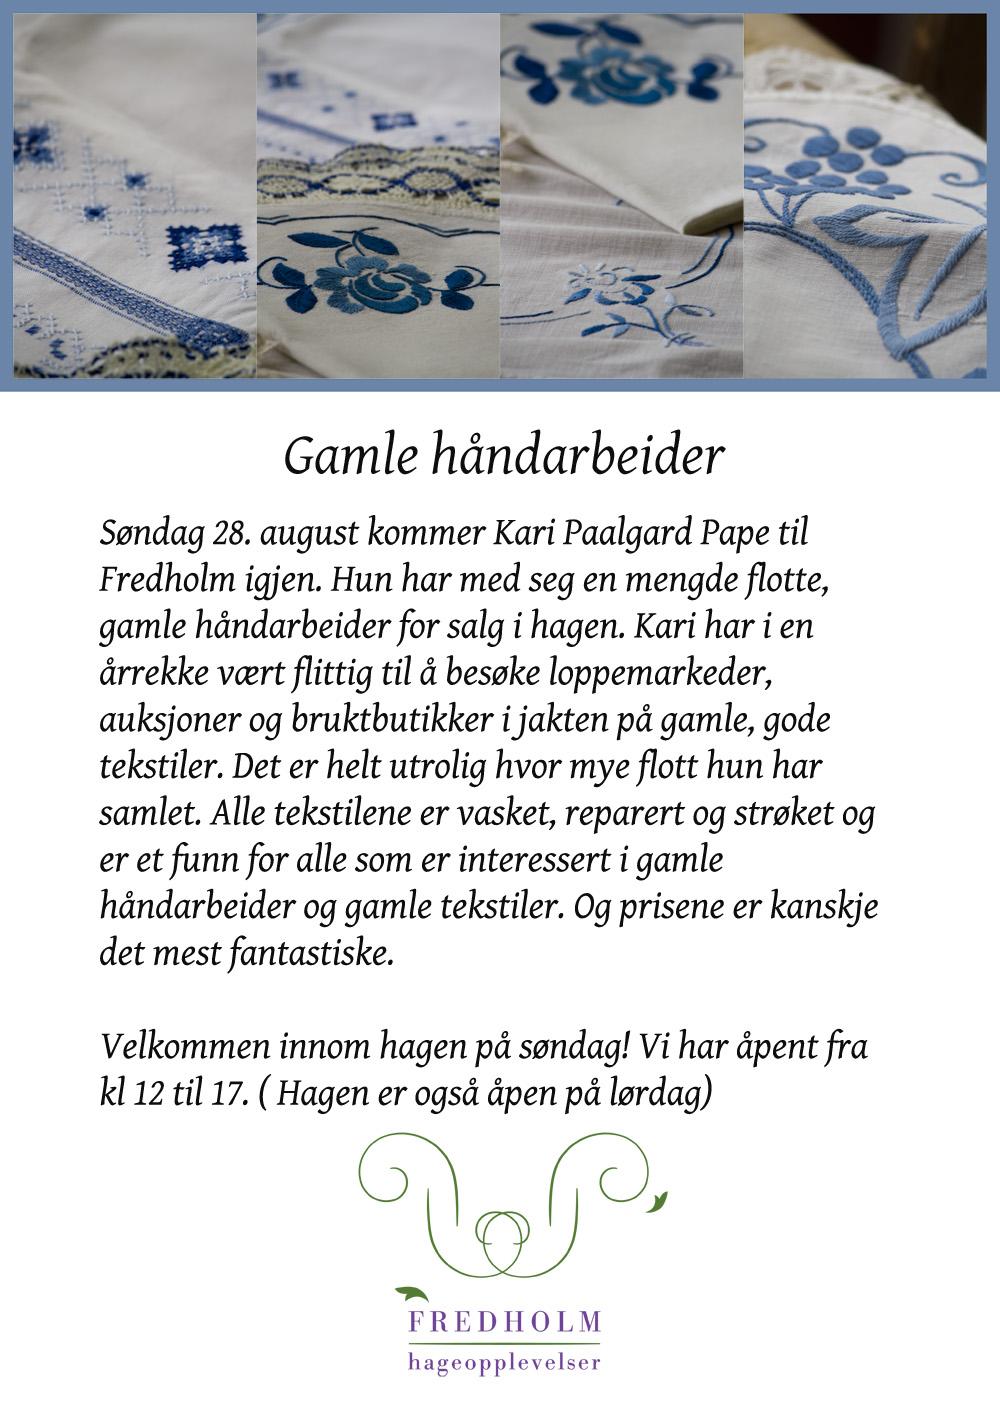 Den aller siste åpne dagen i år kommer Kari med tekstiler.  Vi vil takke alle trivelige hagegjester som i løpet av sommer har tatt turen til oss her på Fredholm. Så får vi håpe at 2017 også blir et strålende hageår.